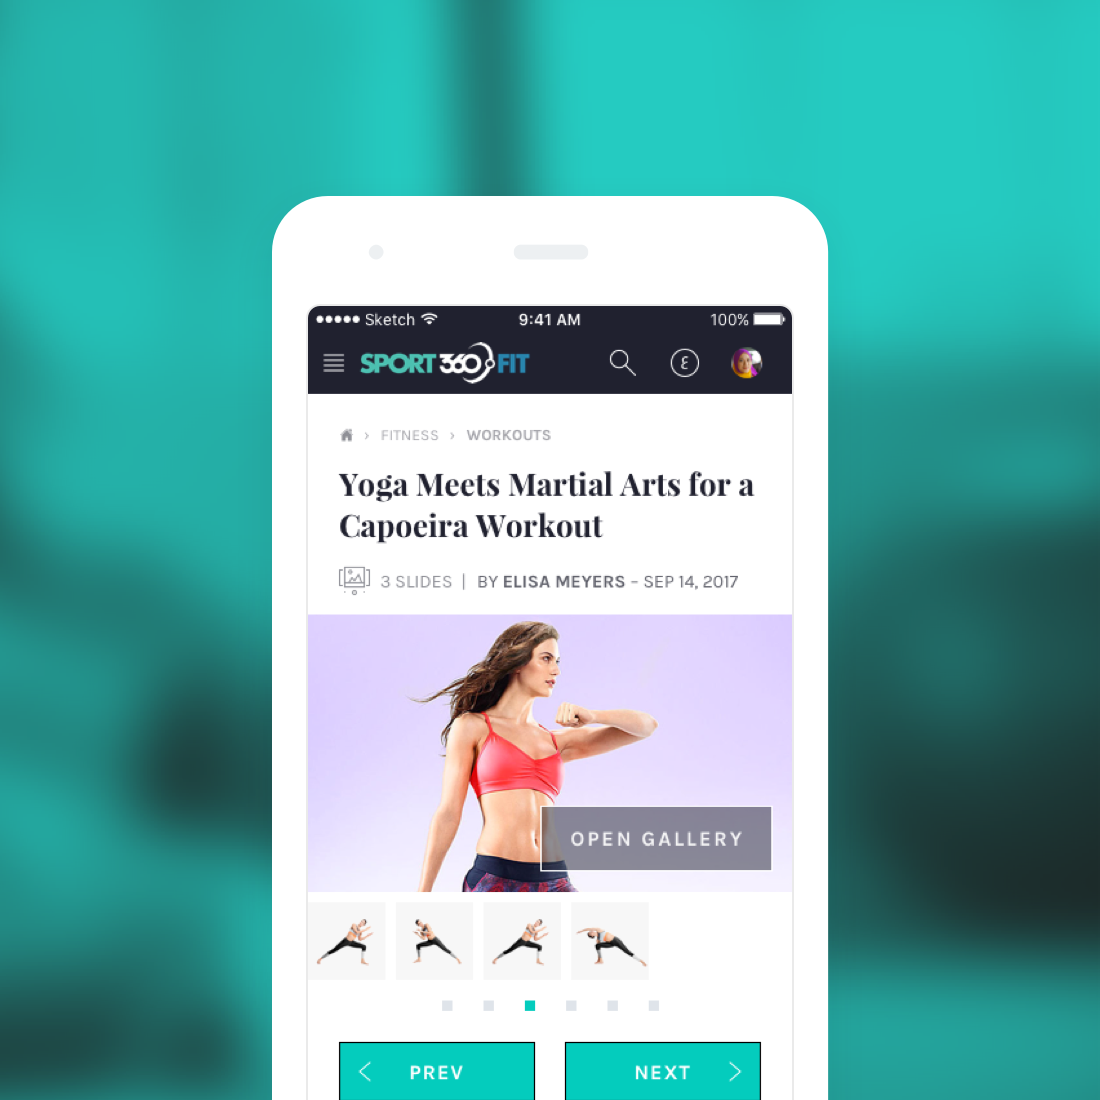 Sport360.fit